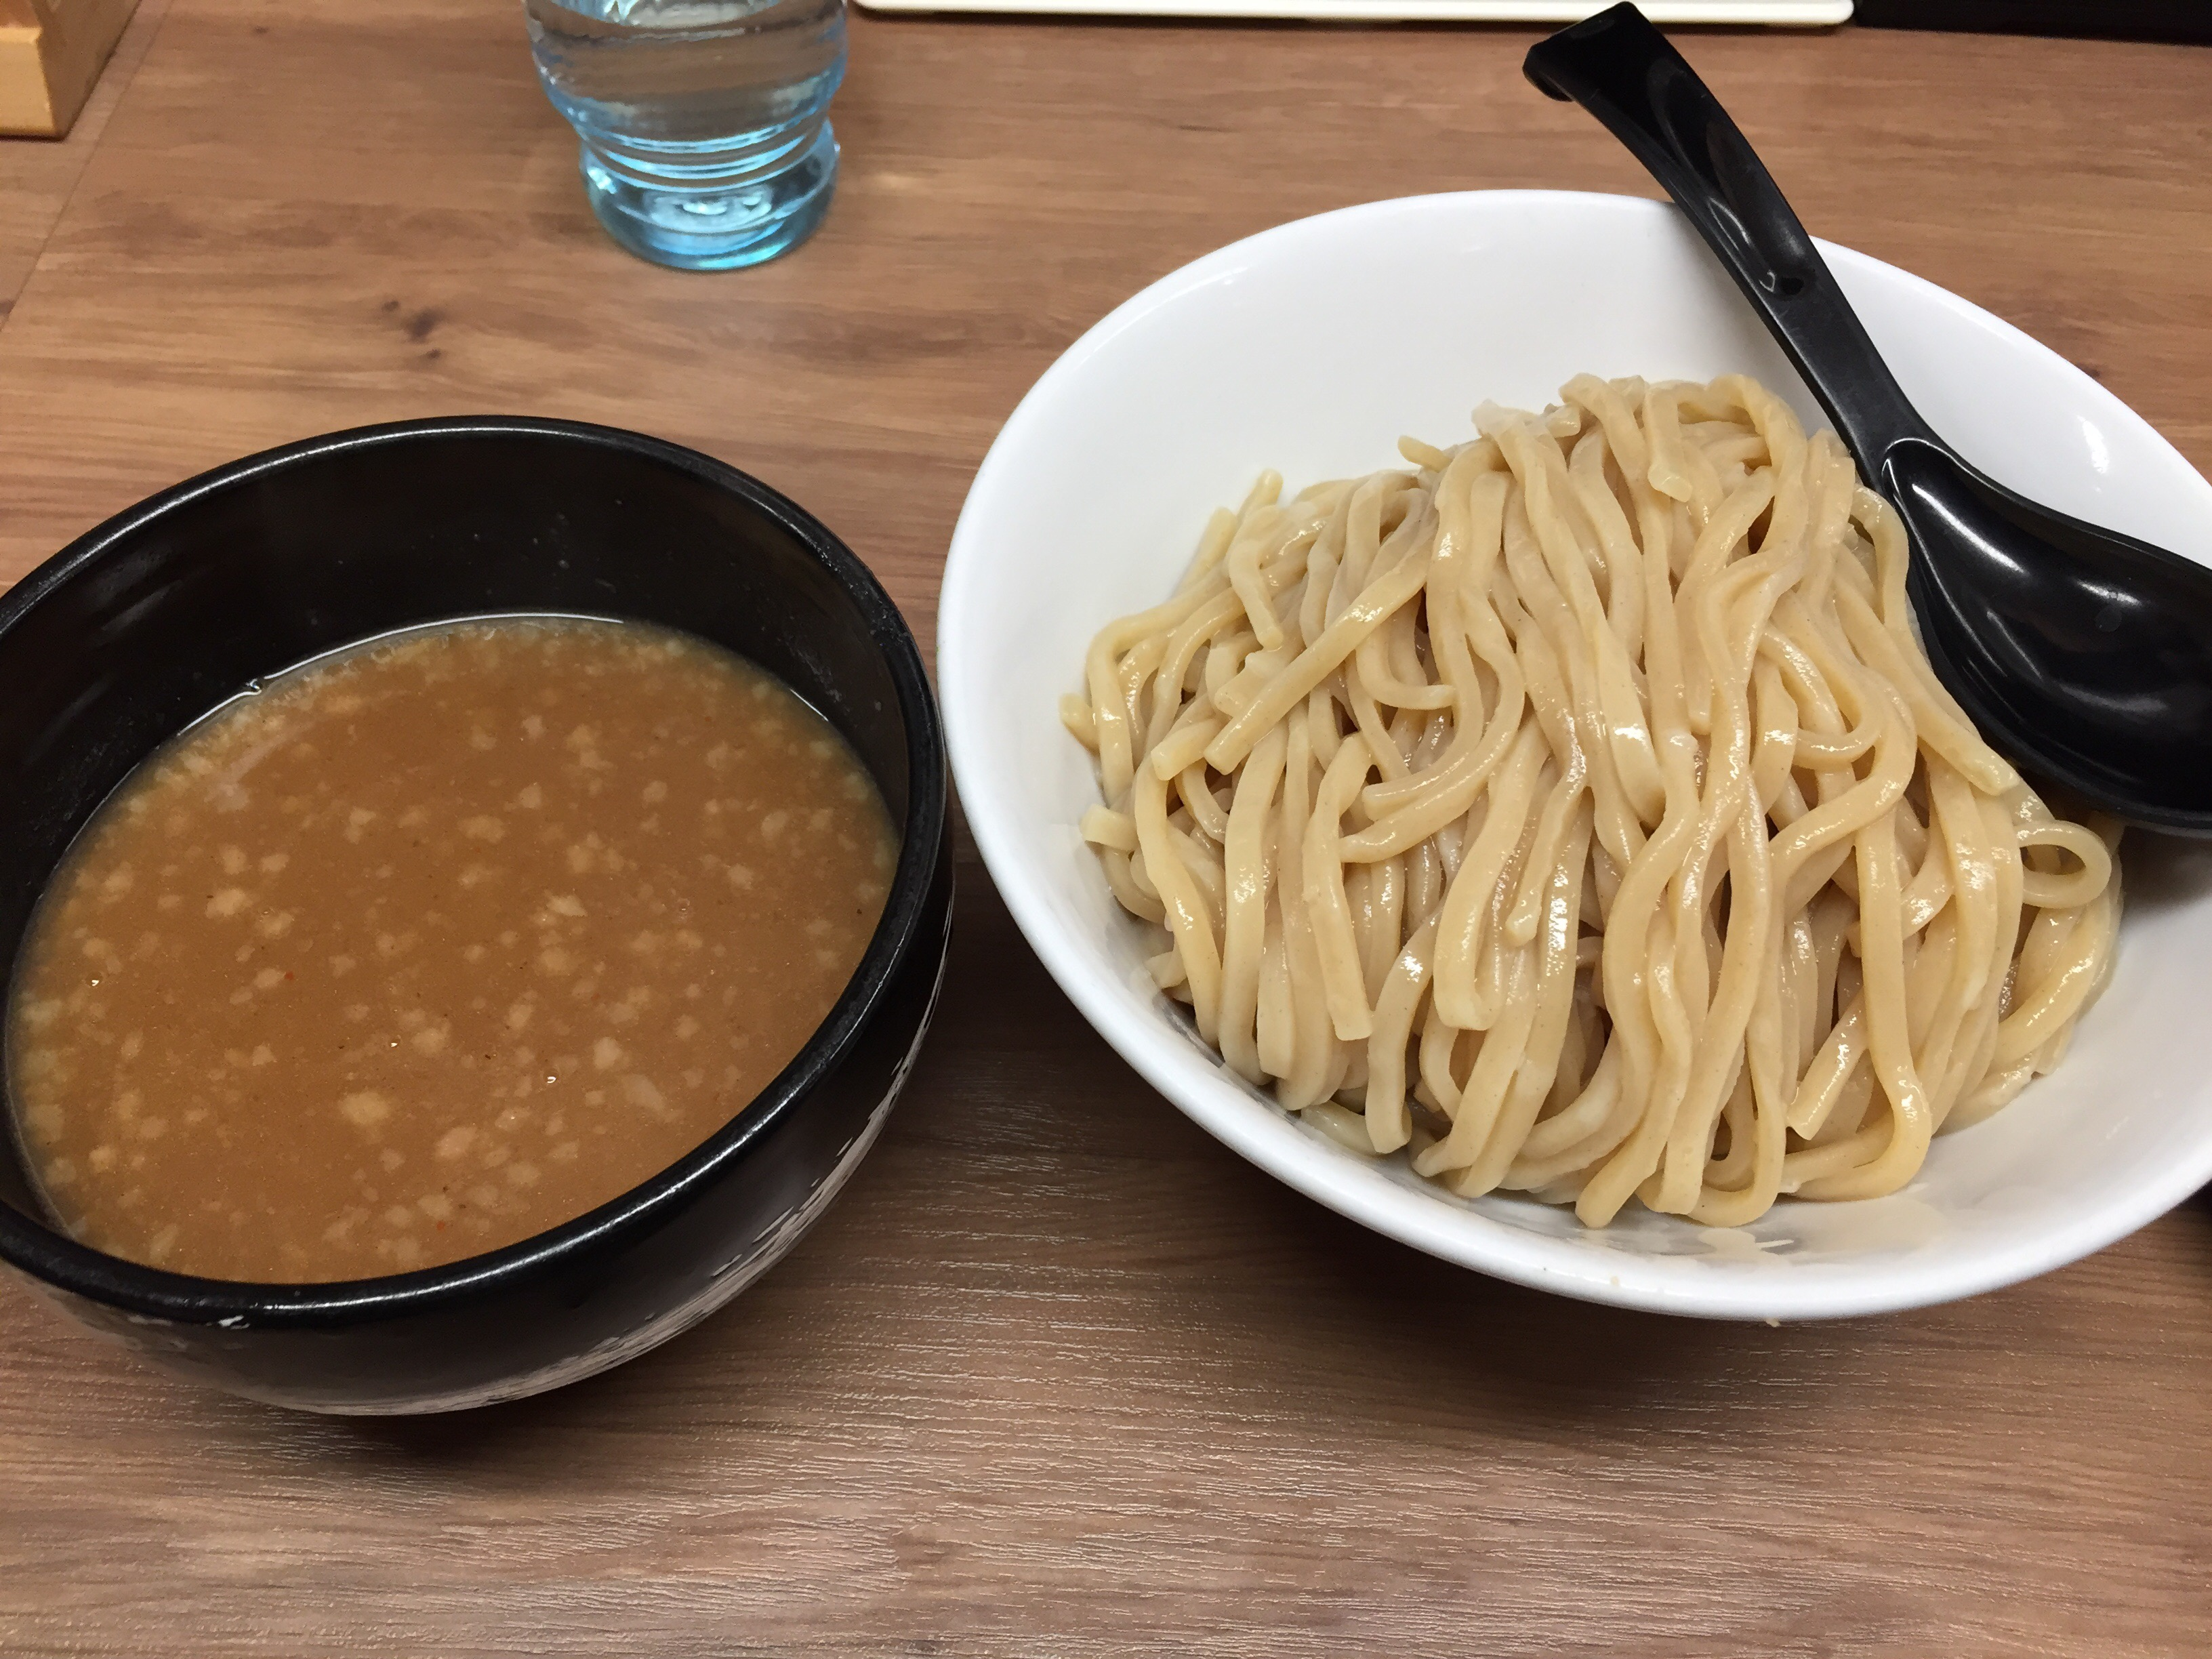 腹ペコに嬉しい麺増量無料サービス。濃厚魚介豚骨スープ&モチモチ麺!いいとこ取りの「つけ麺 春樹」!